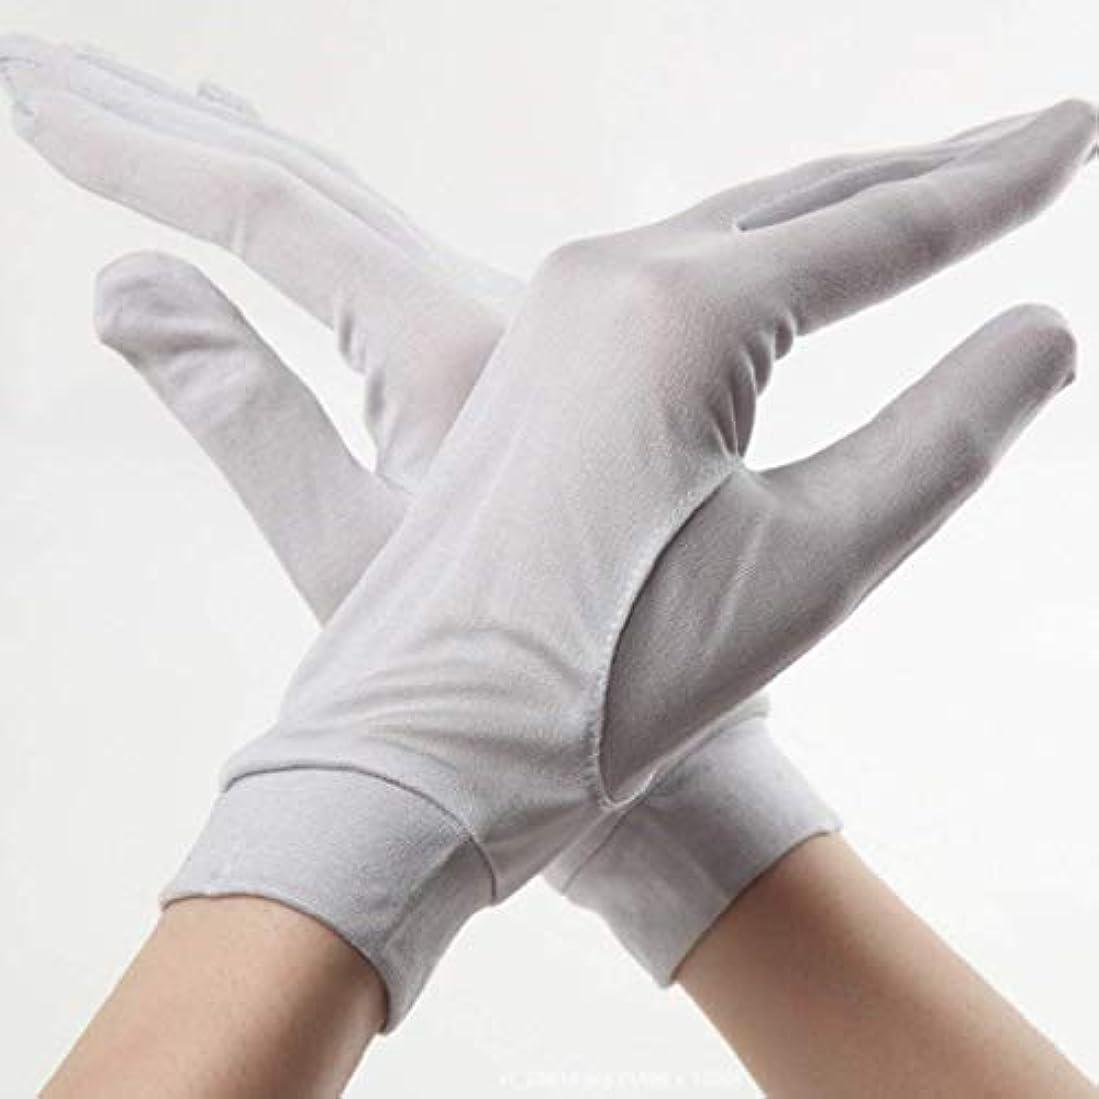 振るう途方もない起こる全7色 ライトグレー 手荒れ対策 手袋 保湿ケアシルク手袋 おやすみ ハンドケア